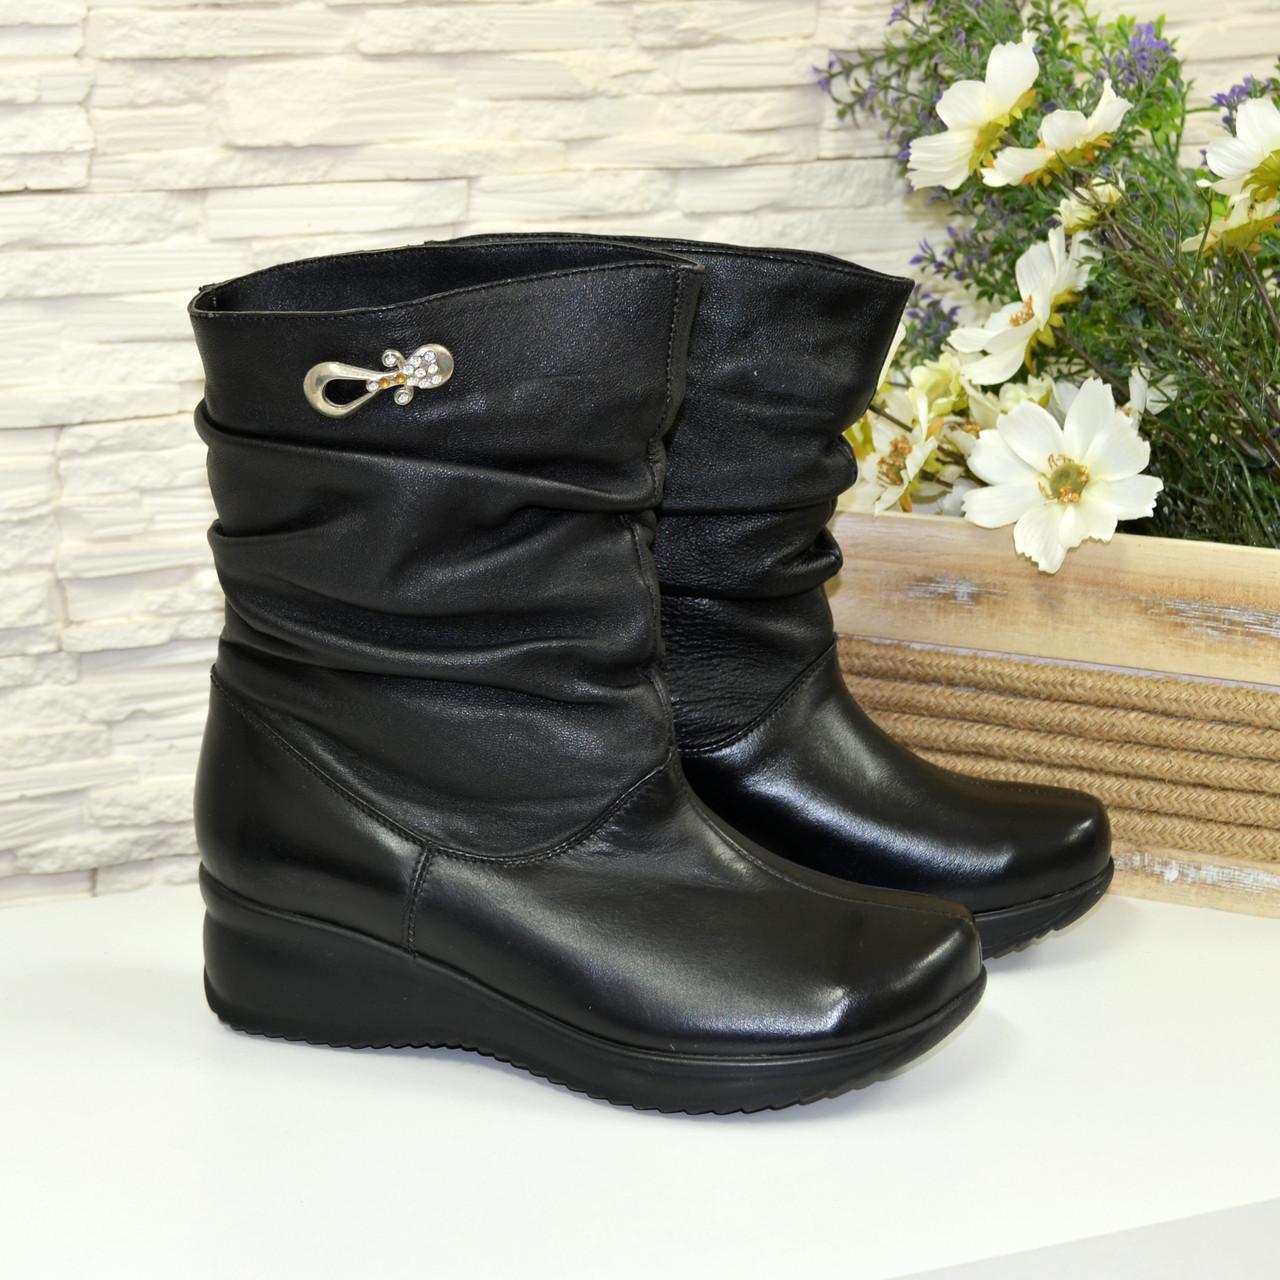 Женские кожаные зимние ботинки свободного одевания. 36 размер